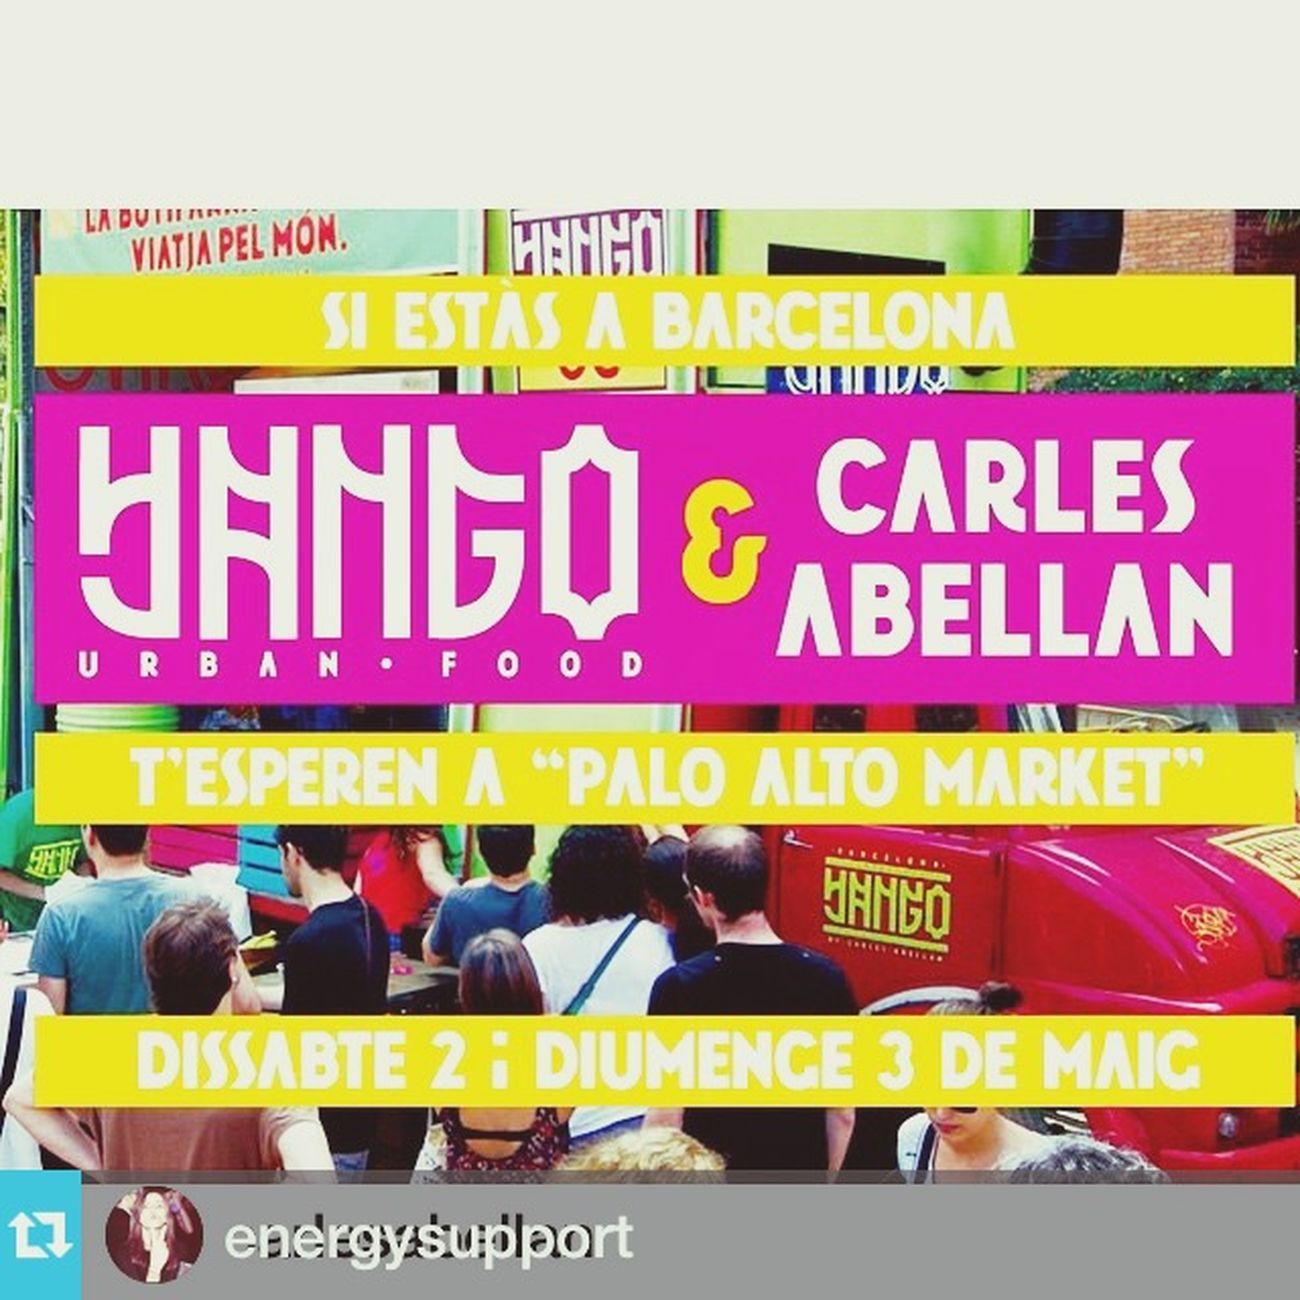 #Repost @energysupport with @repostapp.・・・#Repost @carlesabellan with @repostapp.・・・Recordatori!!!!!! 🍻 😋😉 Mañana a #yangear #yangourbanfood #urban #food #Restaurant #foodtruck #paloaltomarket @paloaltomarket Ahí estaremos 🎉☀️ @carlesabellan #CarlesAbellan #tonimorago @yangourbanfood 👏🏻👏🏻👏🏻 #sandraenergysupport ¿¿ @jepi_matamala 📌📝📲⁉️ Recordar que este mes Palo Alto Market tendrá una segunda edición también 👍🏻 Los días 23 y 24 #mayo 🔝 #streetfood #streetmarket #Barcelona #Catalonia Foodtruck Foodporn Instafood Urbanfood Carles Abellan Street Market Paloaltomarket Sandraenergysupport